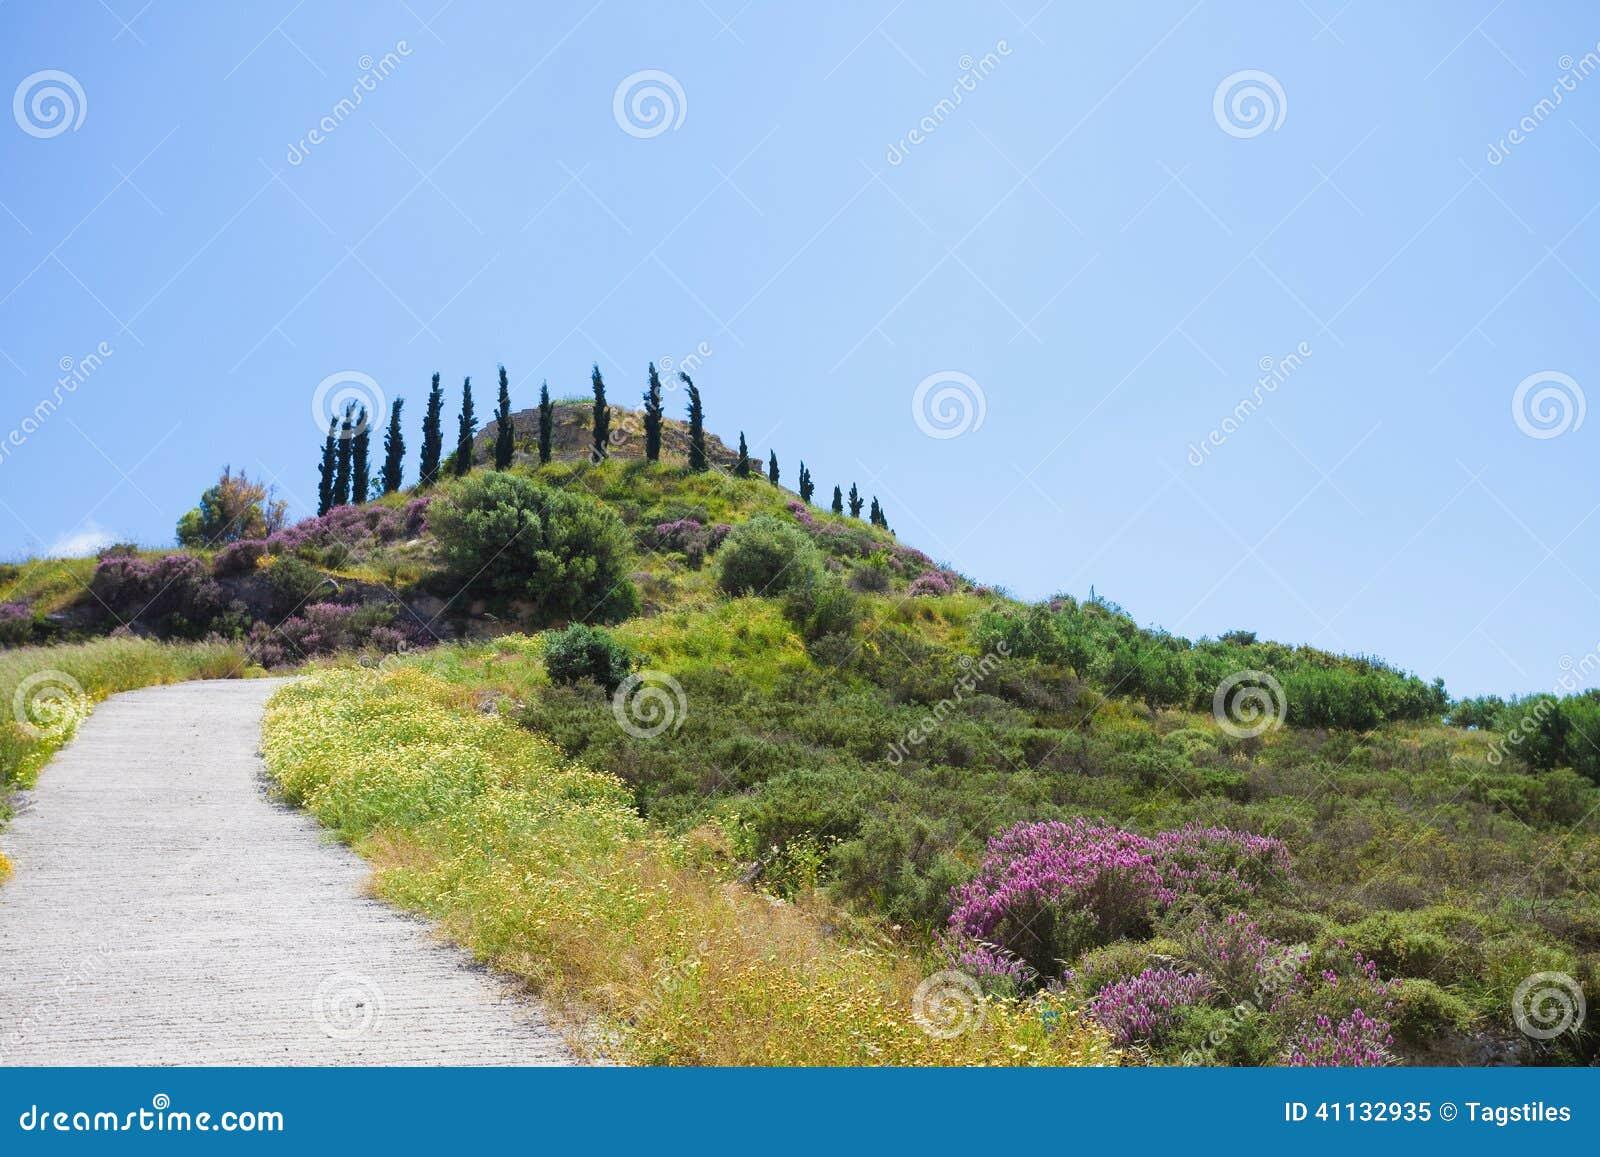 Download Agios Ioannis stockbild. Bild von betriebe, postkarte - 41132935